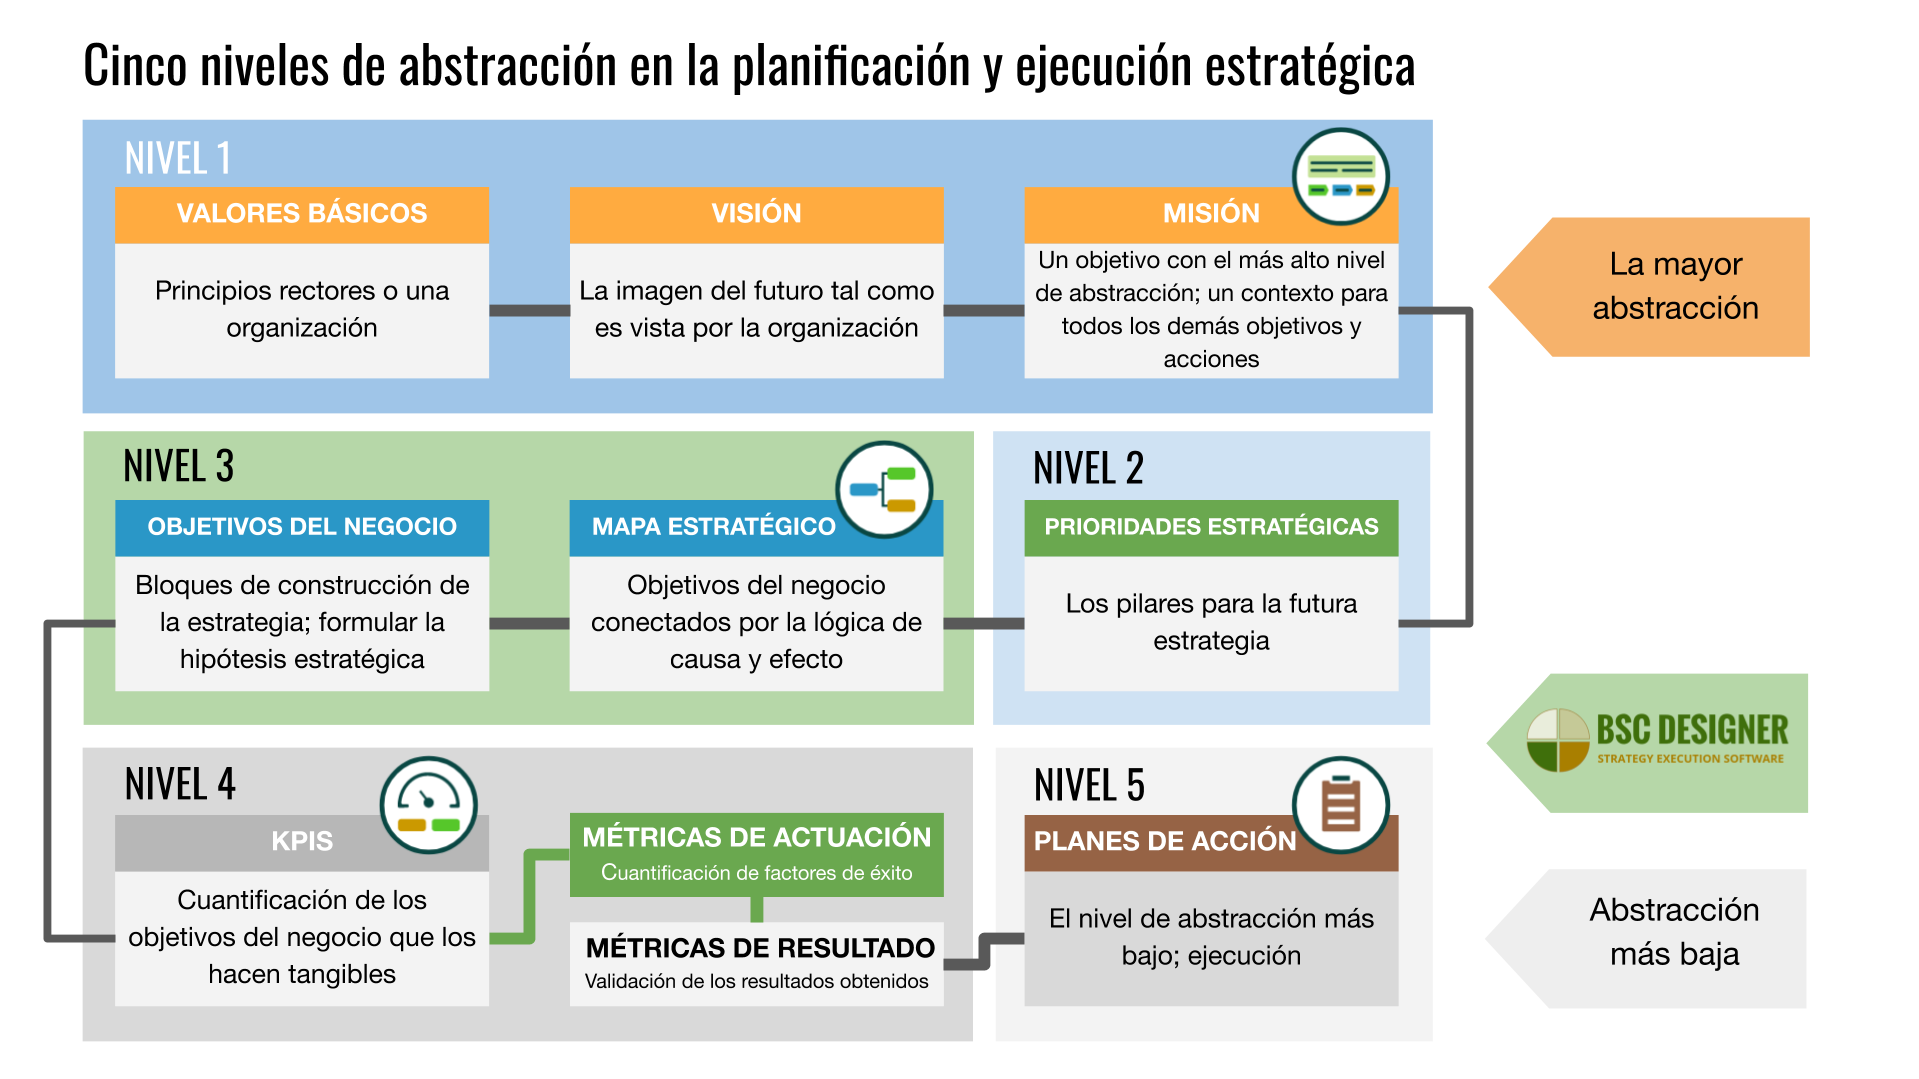 Cinco niveles de abstracción en la planificación y ejecución de estrategias. Desde Visión, Misión y Valores Fundamentales hasta prioridades estratégicas (temas), mapas estratégicos, objetivos comerciales y KPIs